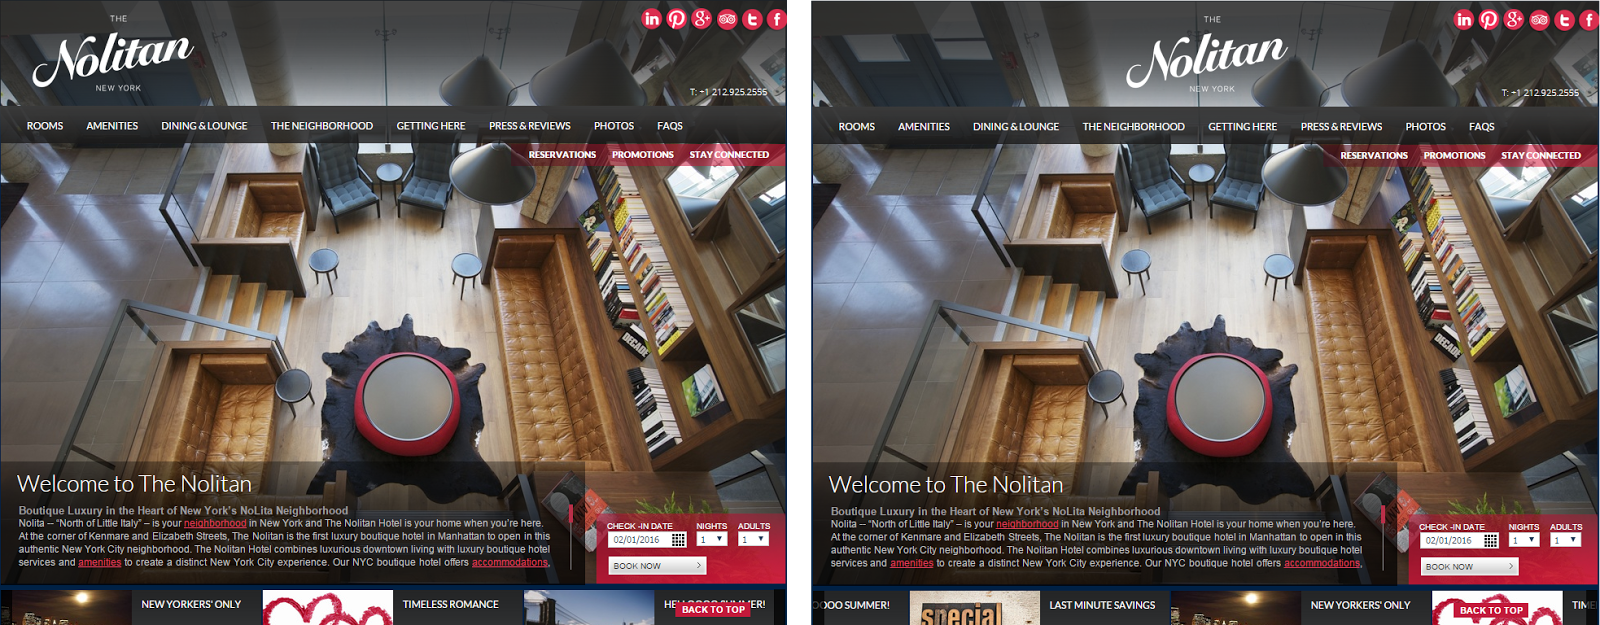 Реальный сайт отеля Nolitan (справа), который имеет центрированный логотип, с альтернативной версией, где логотип расположили в верхнем левом углу (слева).